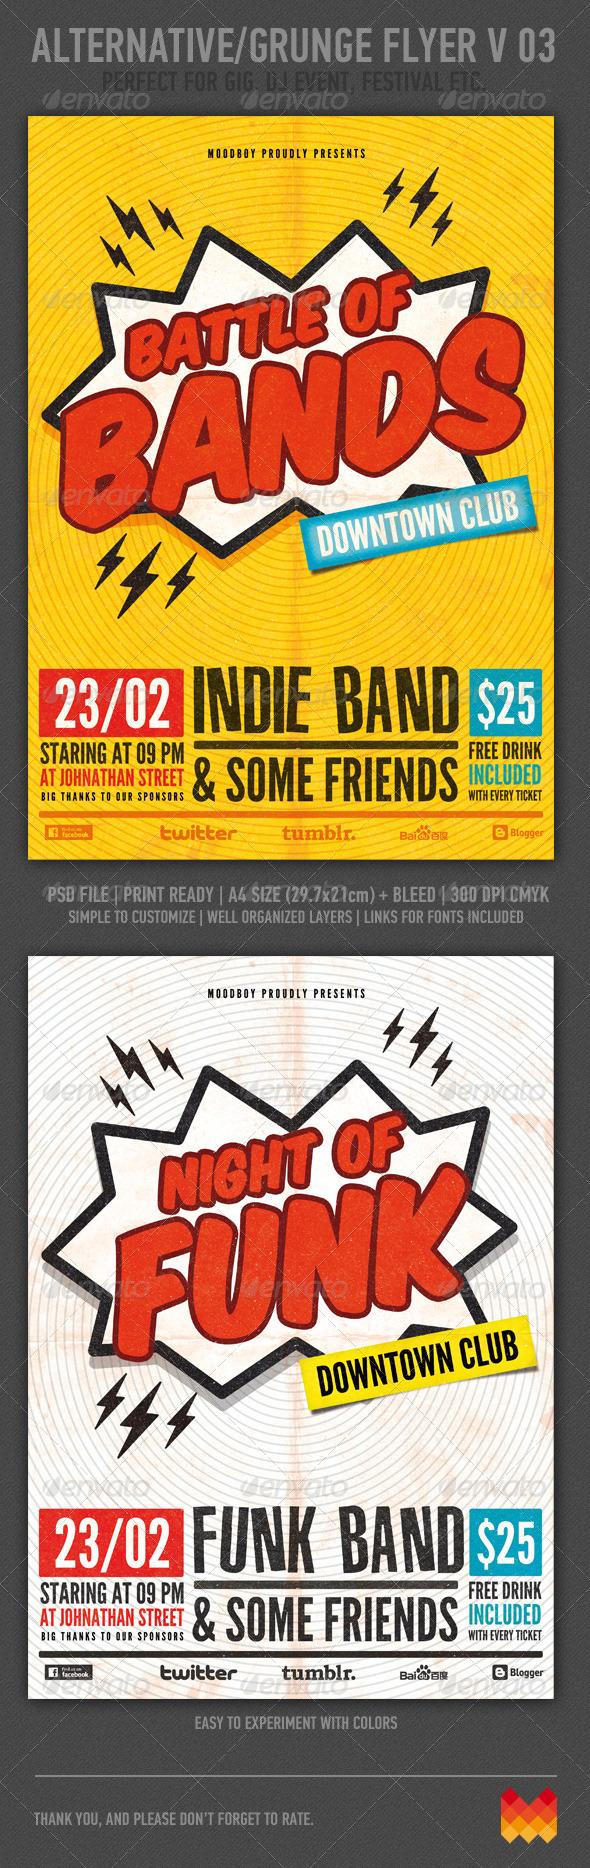 Alternative Grunge Flyer or Poster V 03